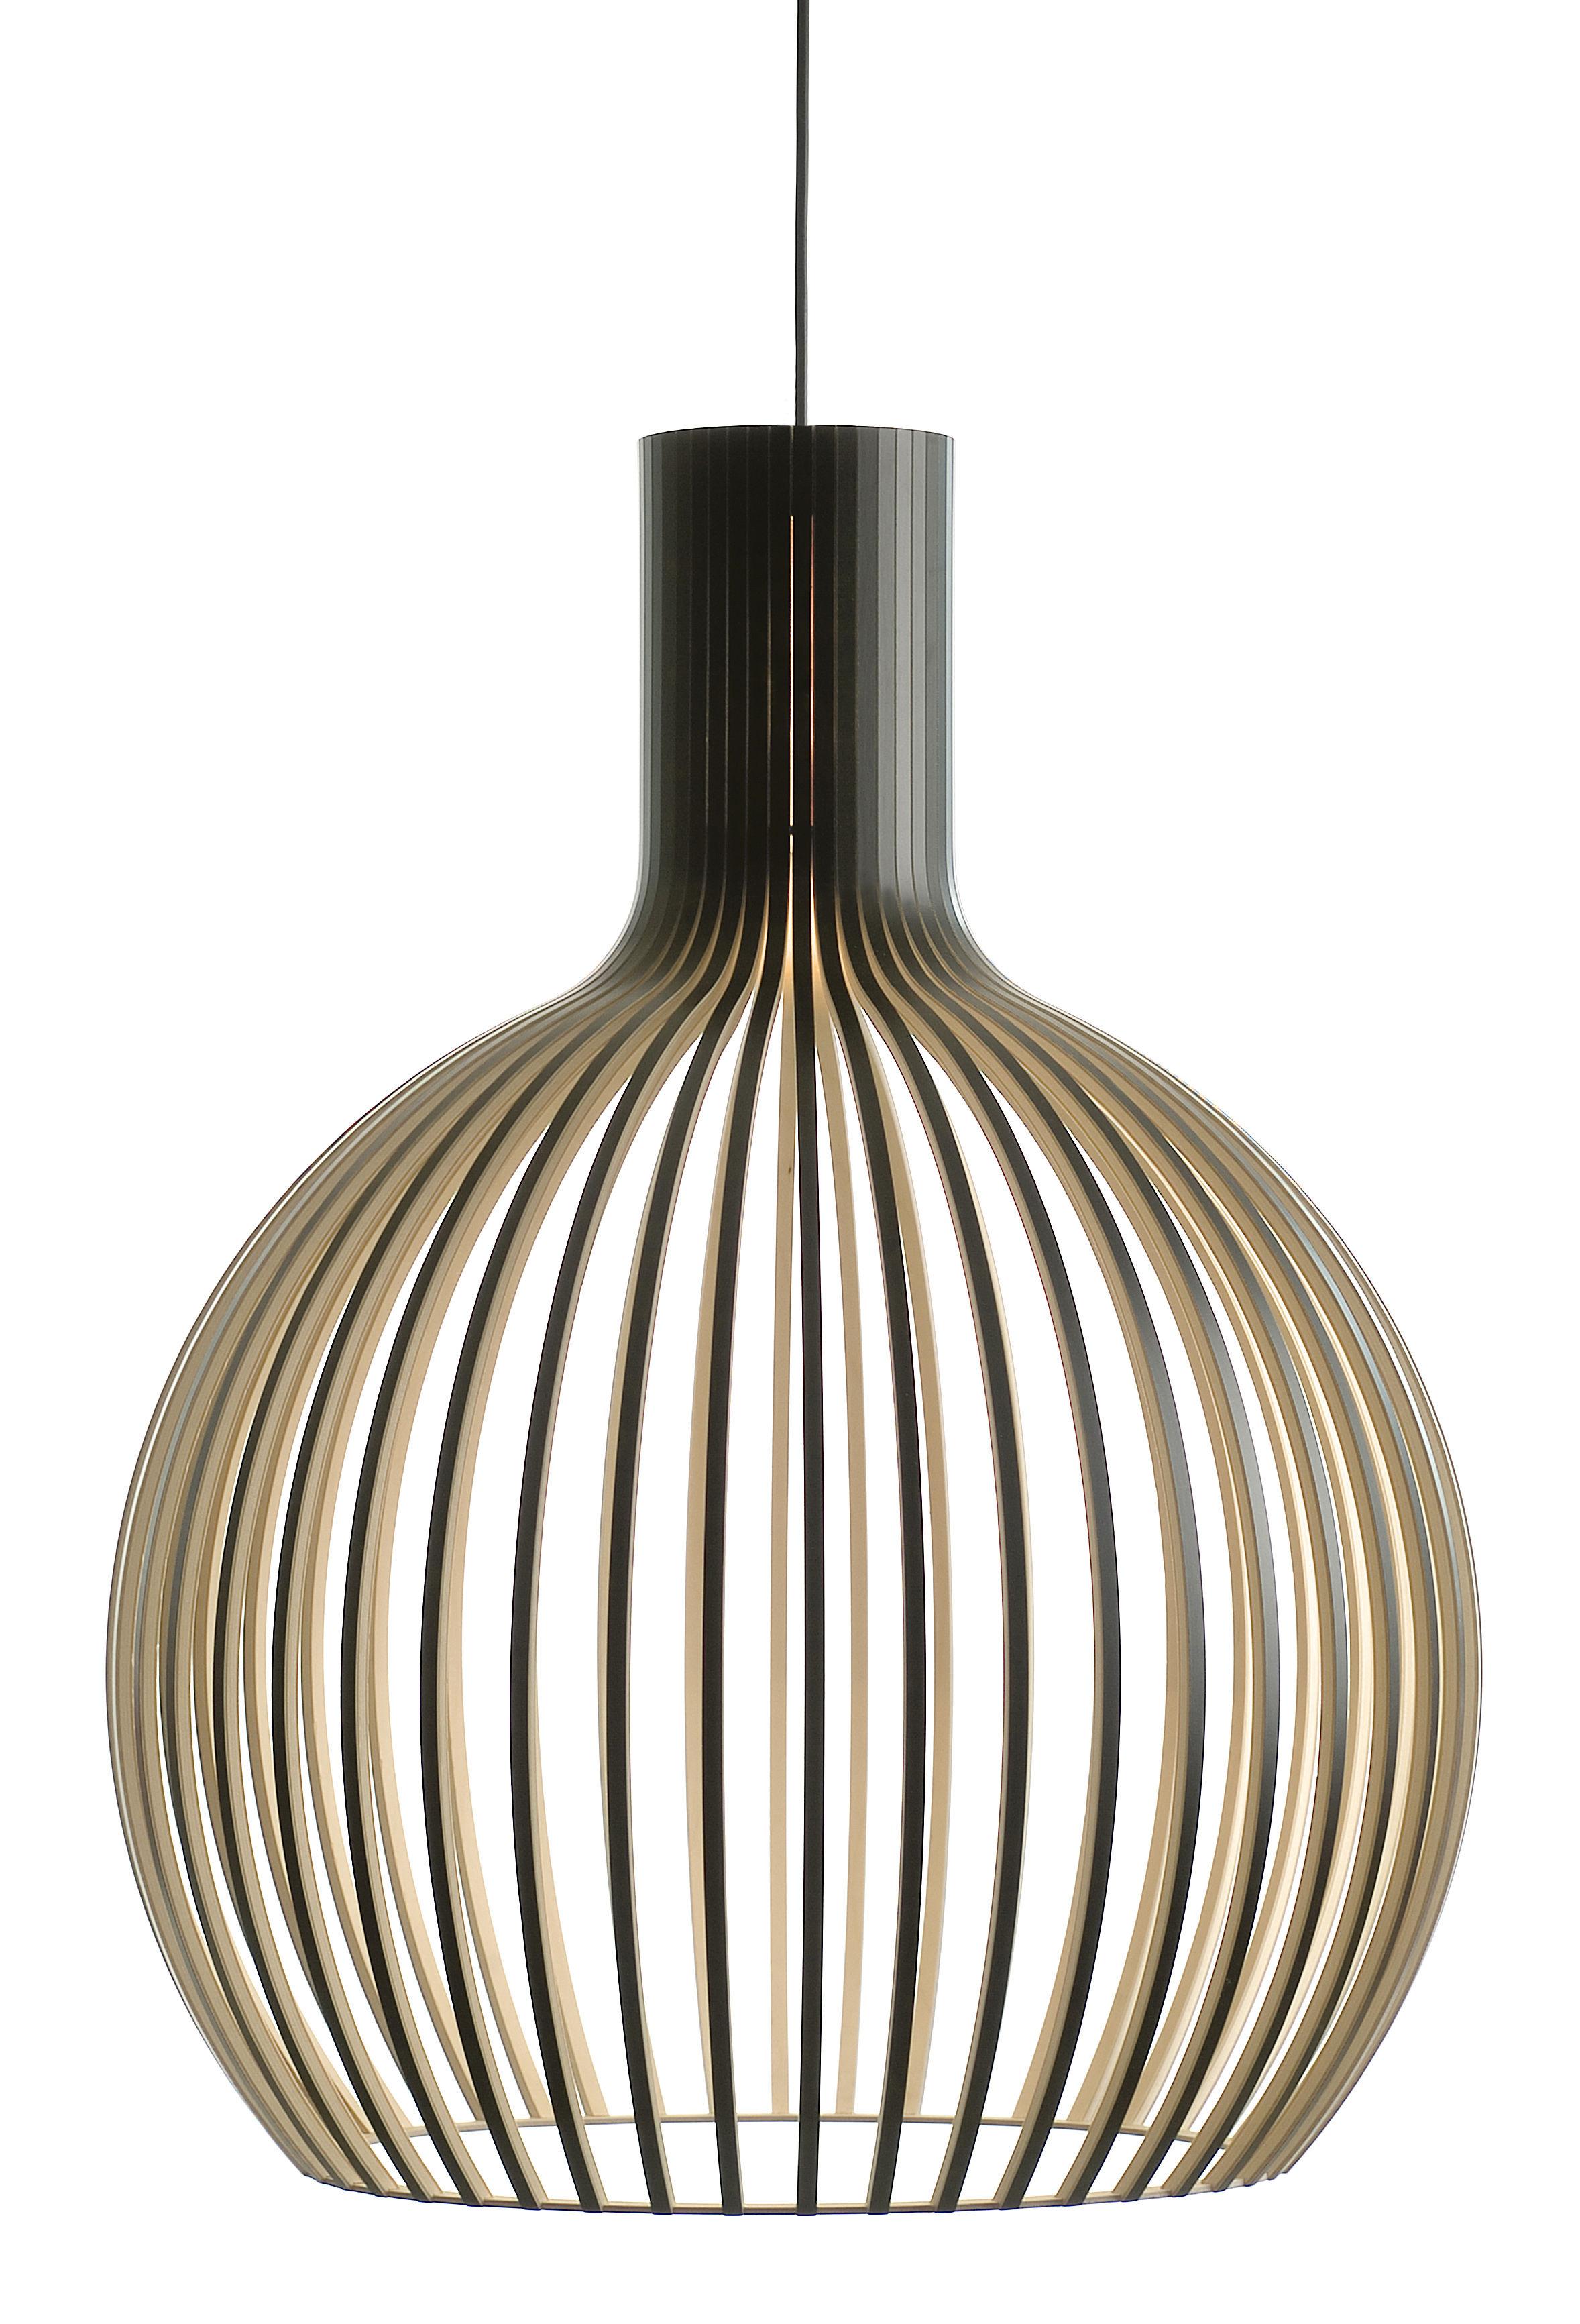 Illuminazione - Lampadari - Sospensione Octo - / Ø 54 cm di Secto Design - Nero / Cavo nero - Lattes de laminé de bouleau, Tessuto